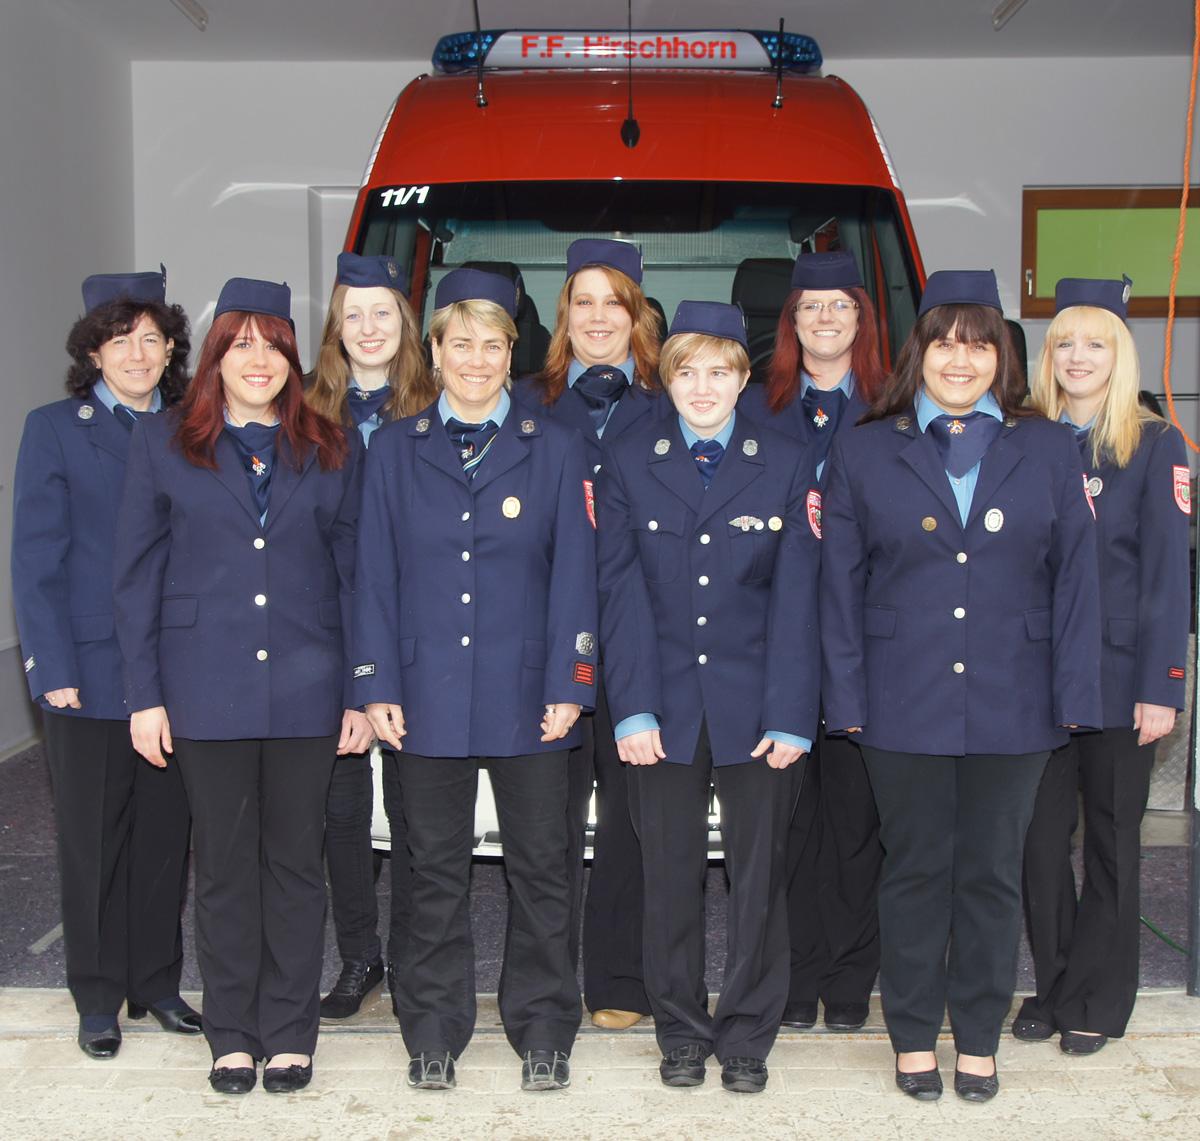 Unsere Feuerwehrfrauen in Uniform